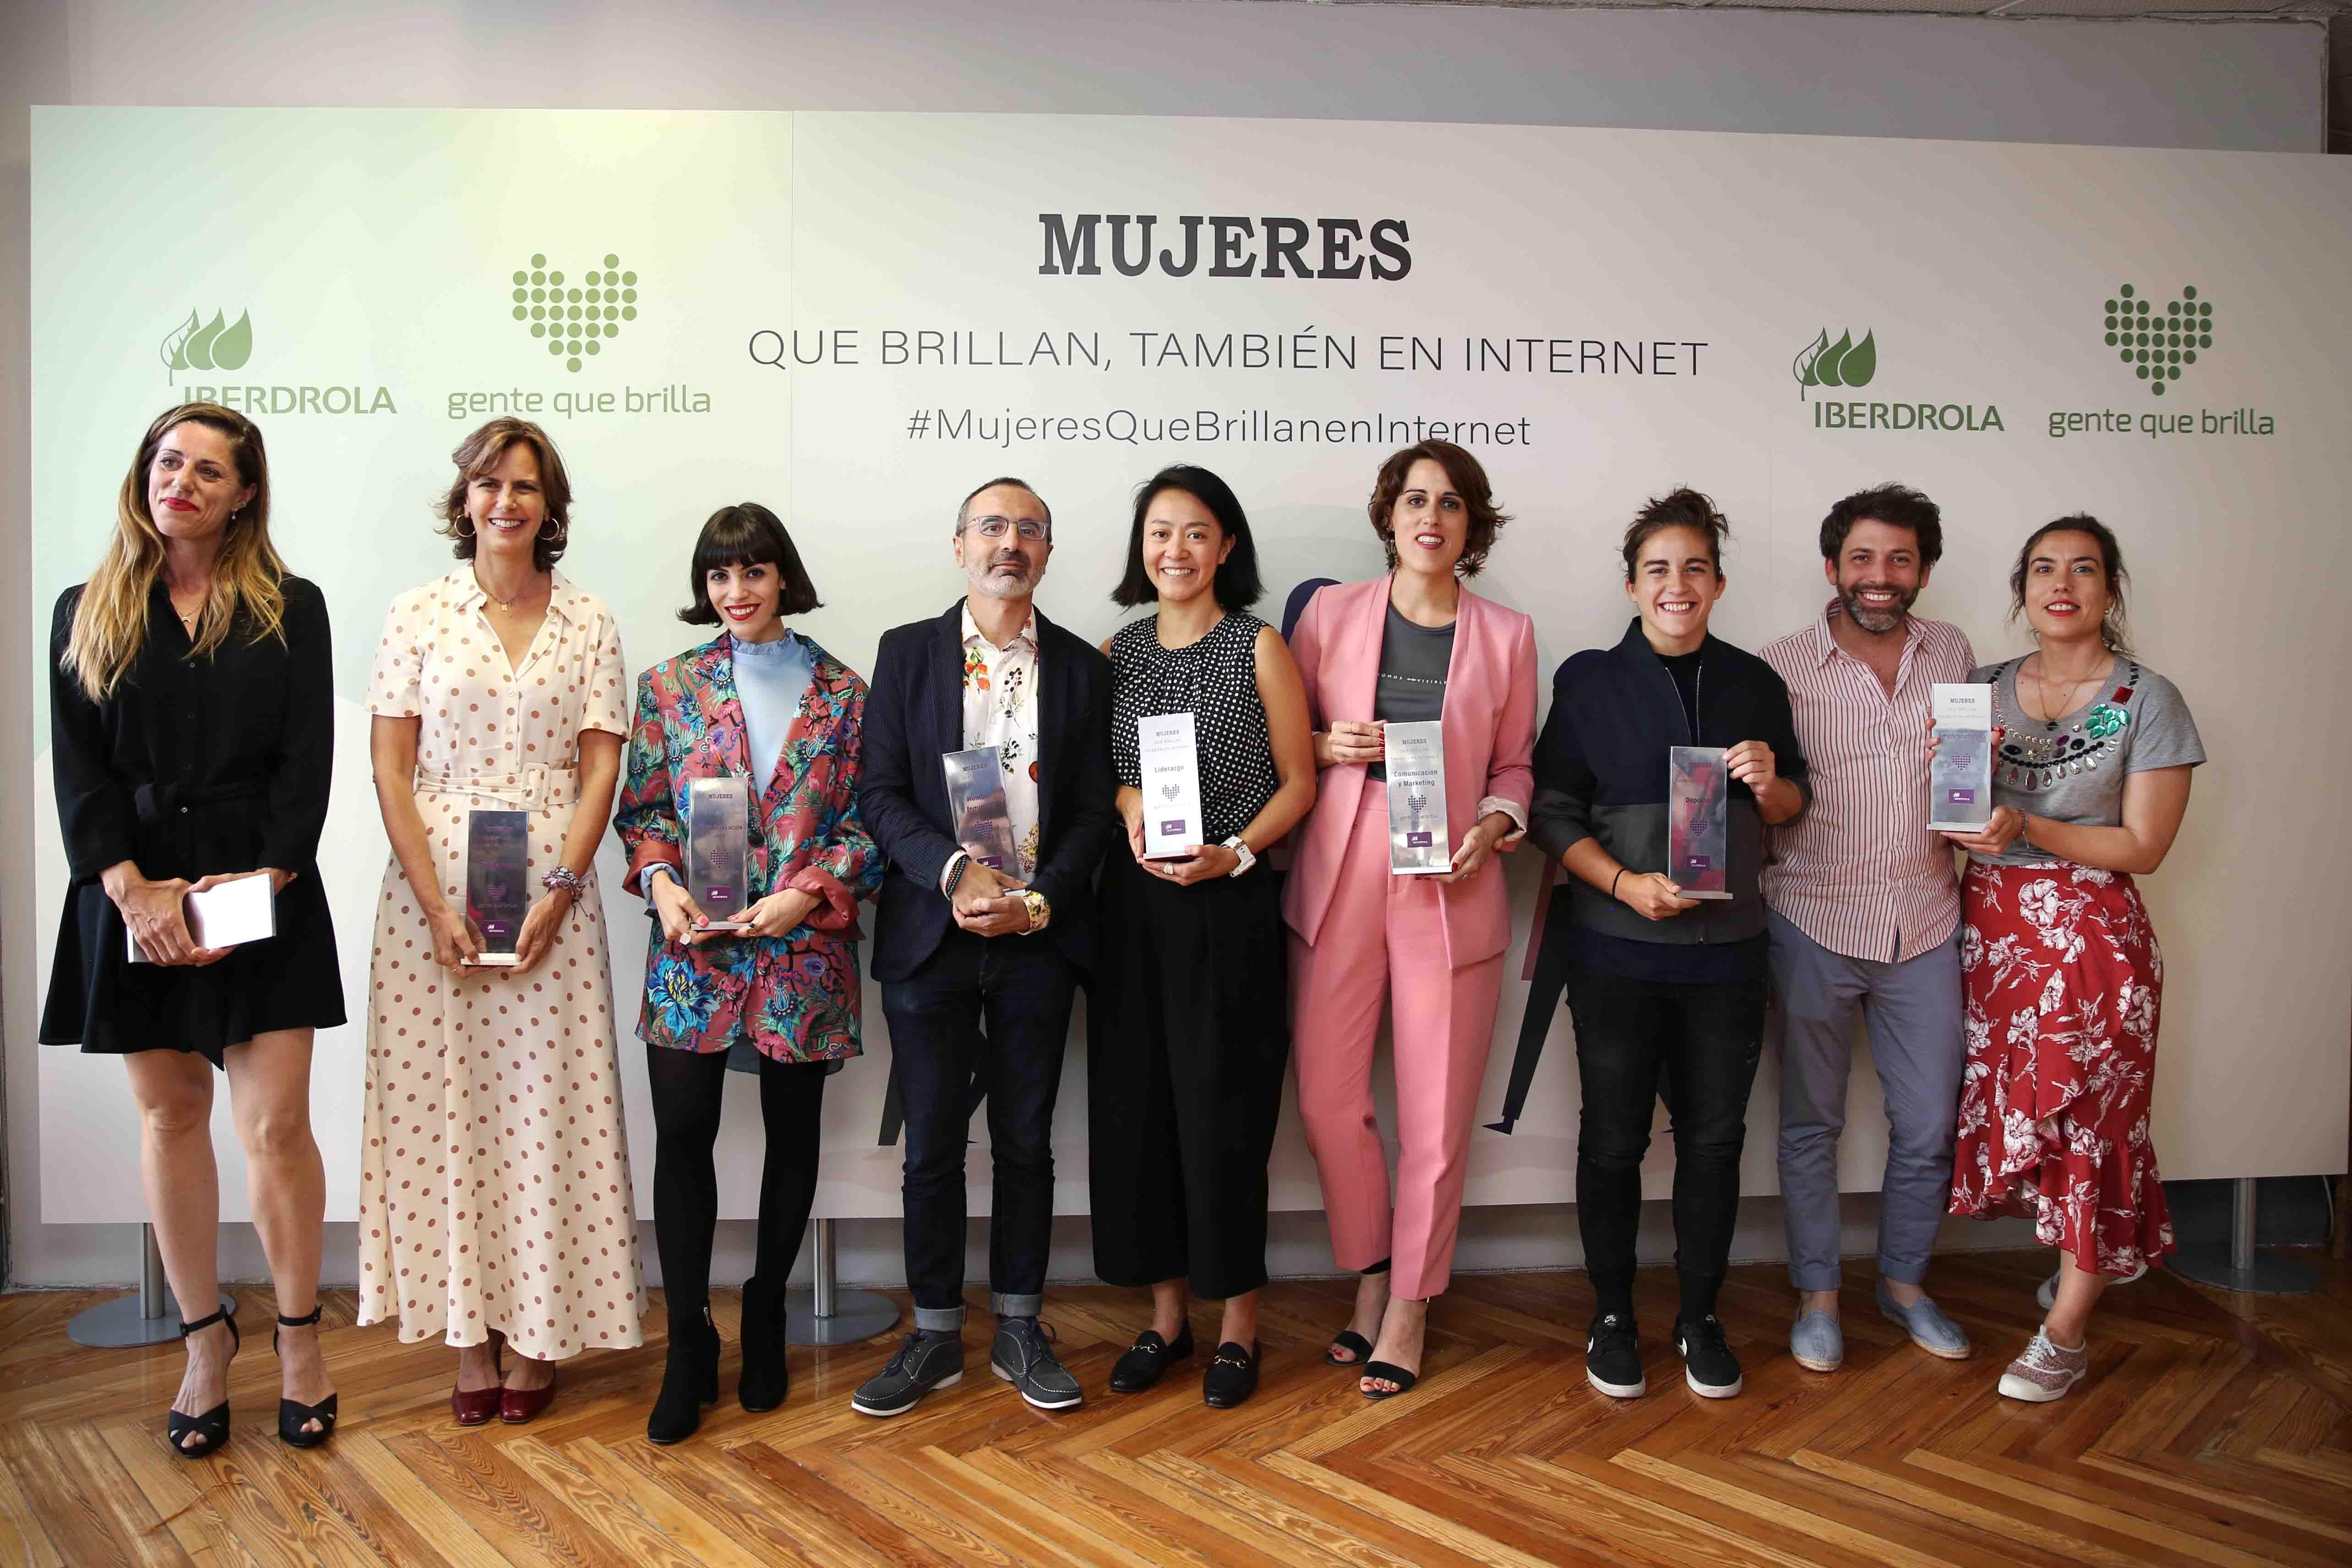 Foto de Premios_Mujeres que brillan, también en Internet